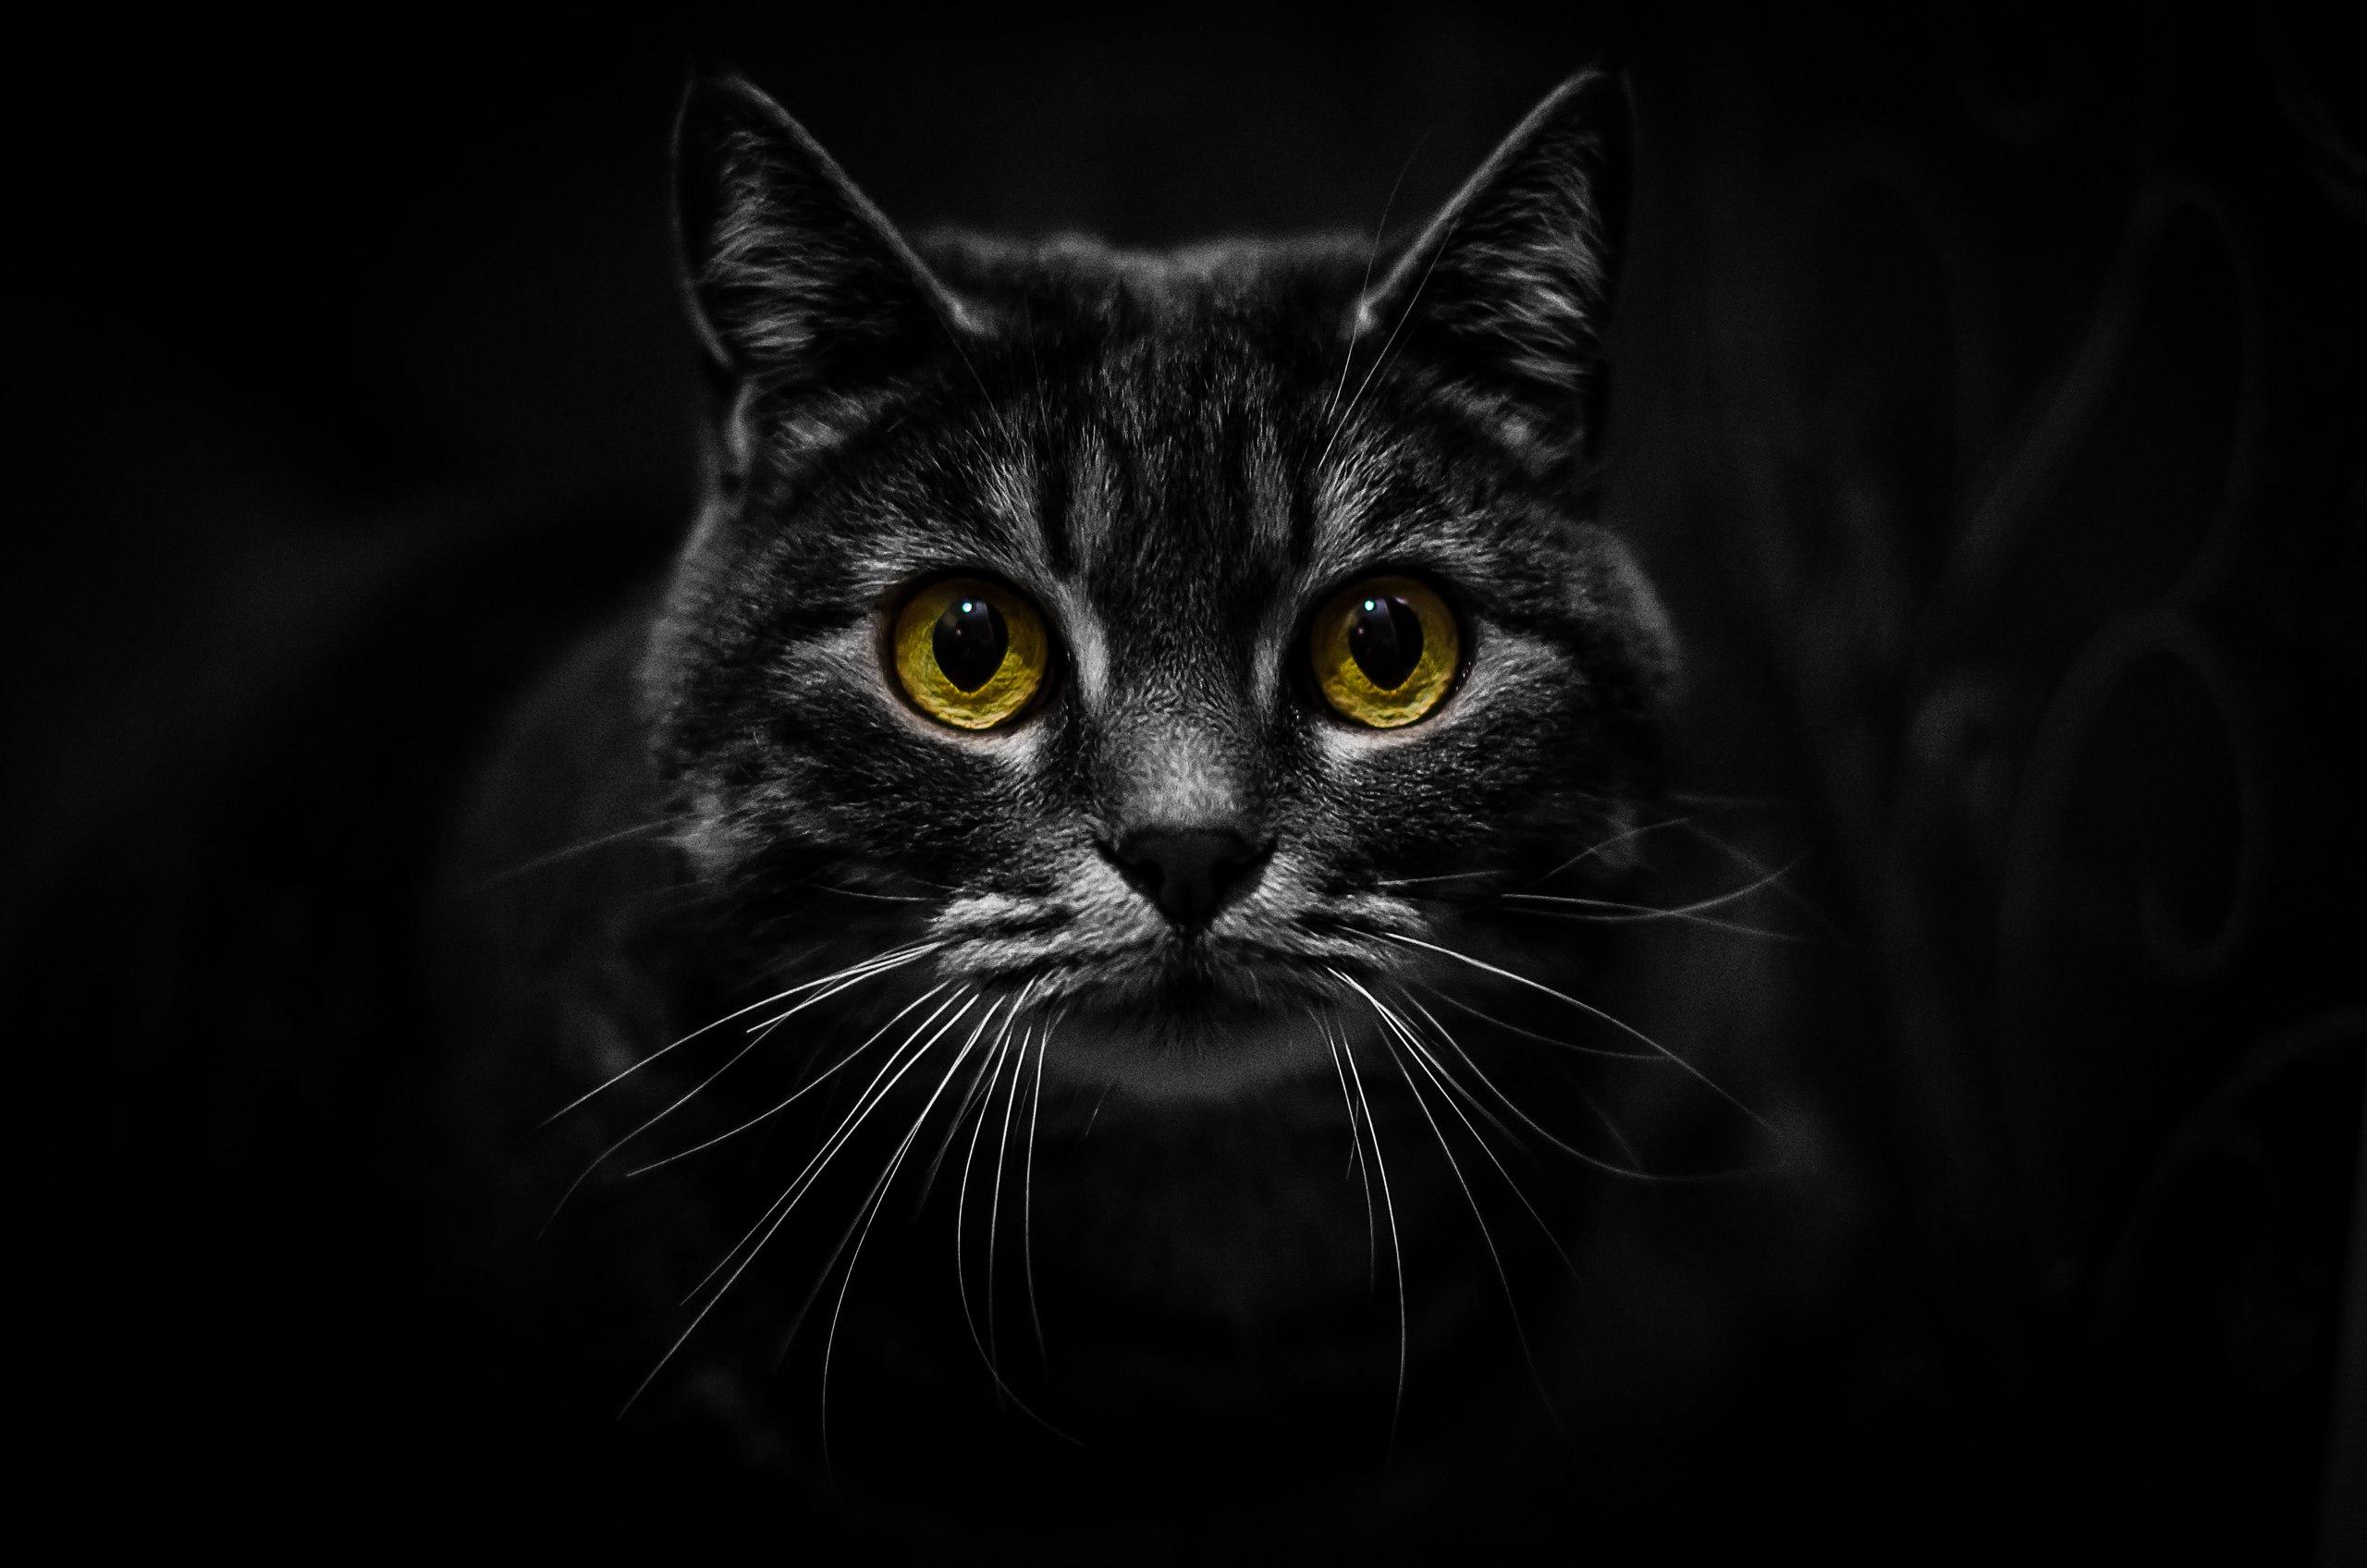 Эти глаза напротив. Блиц: кошки против собак